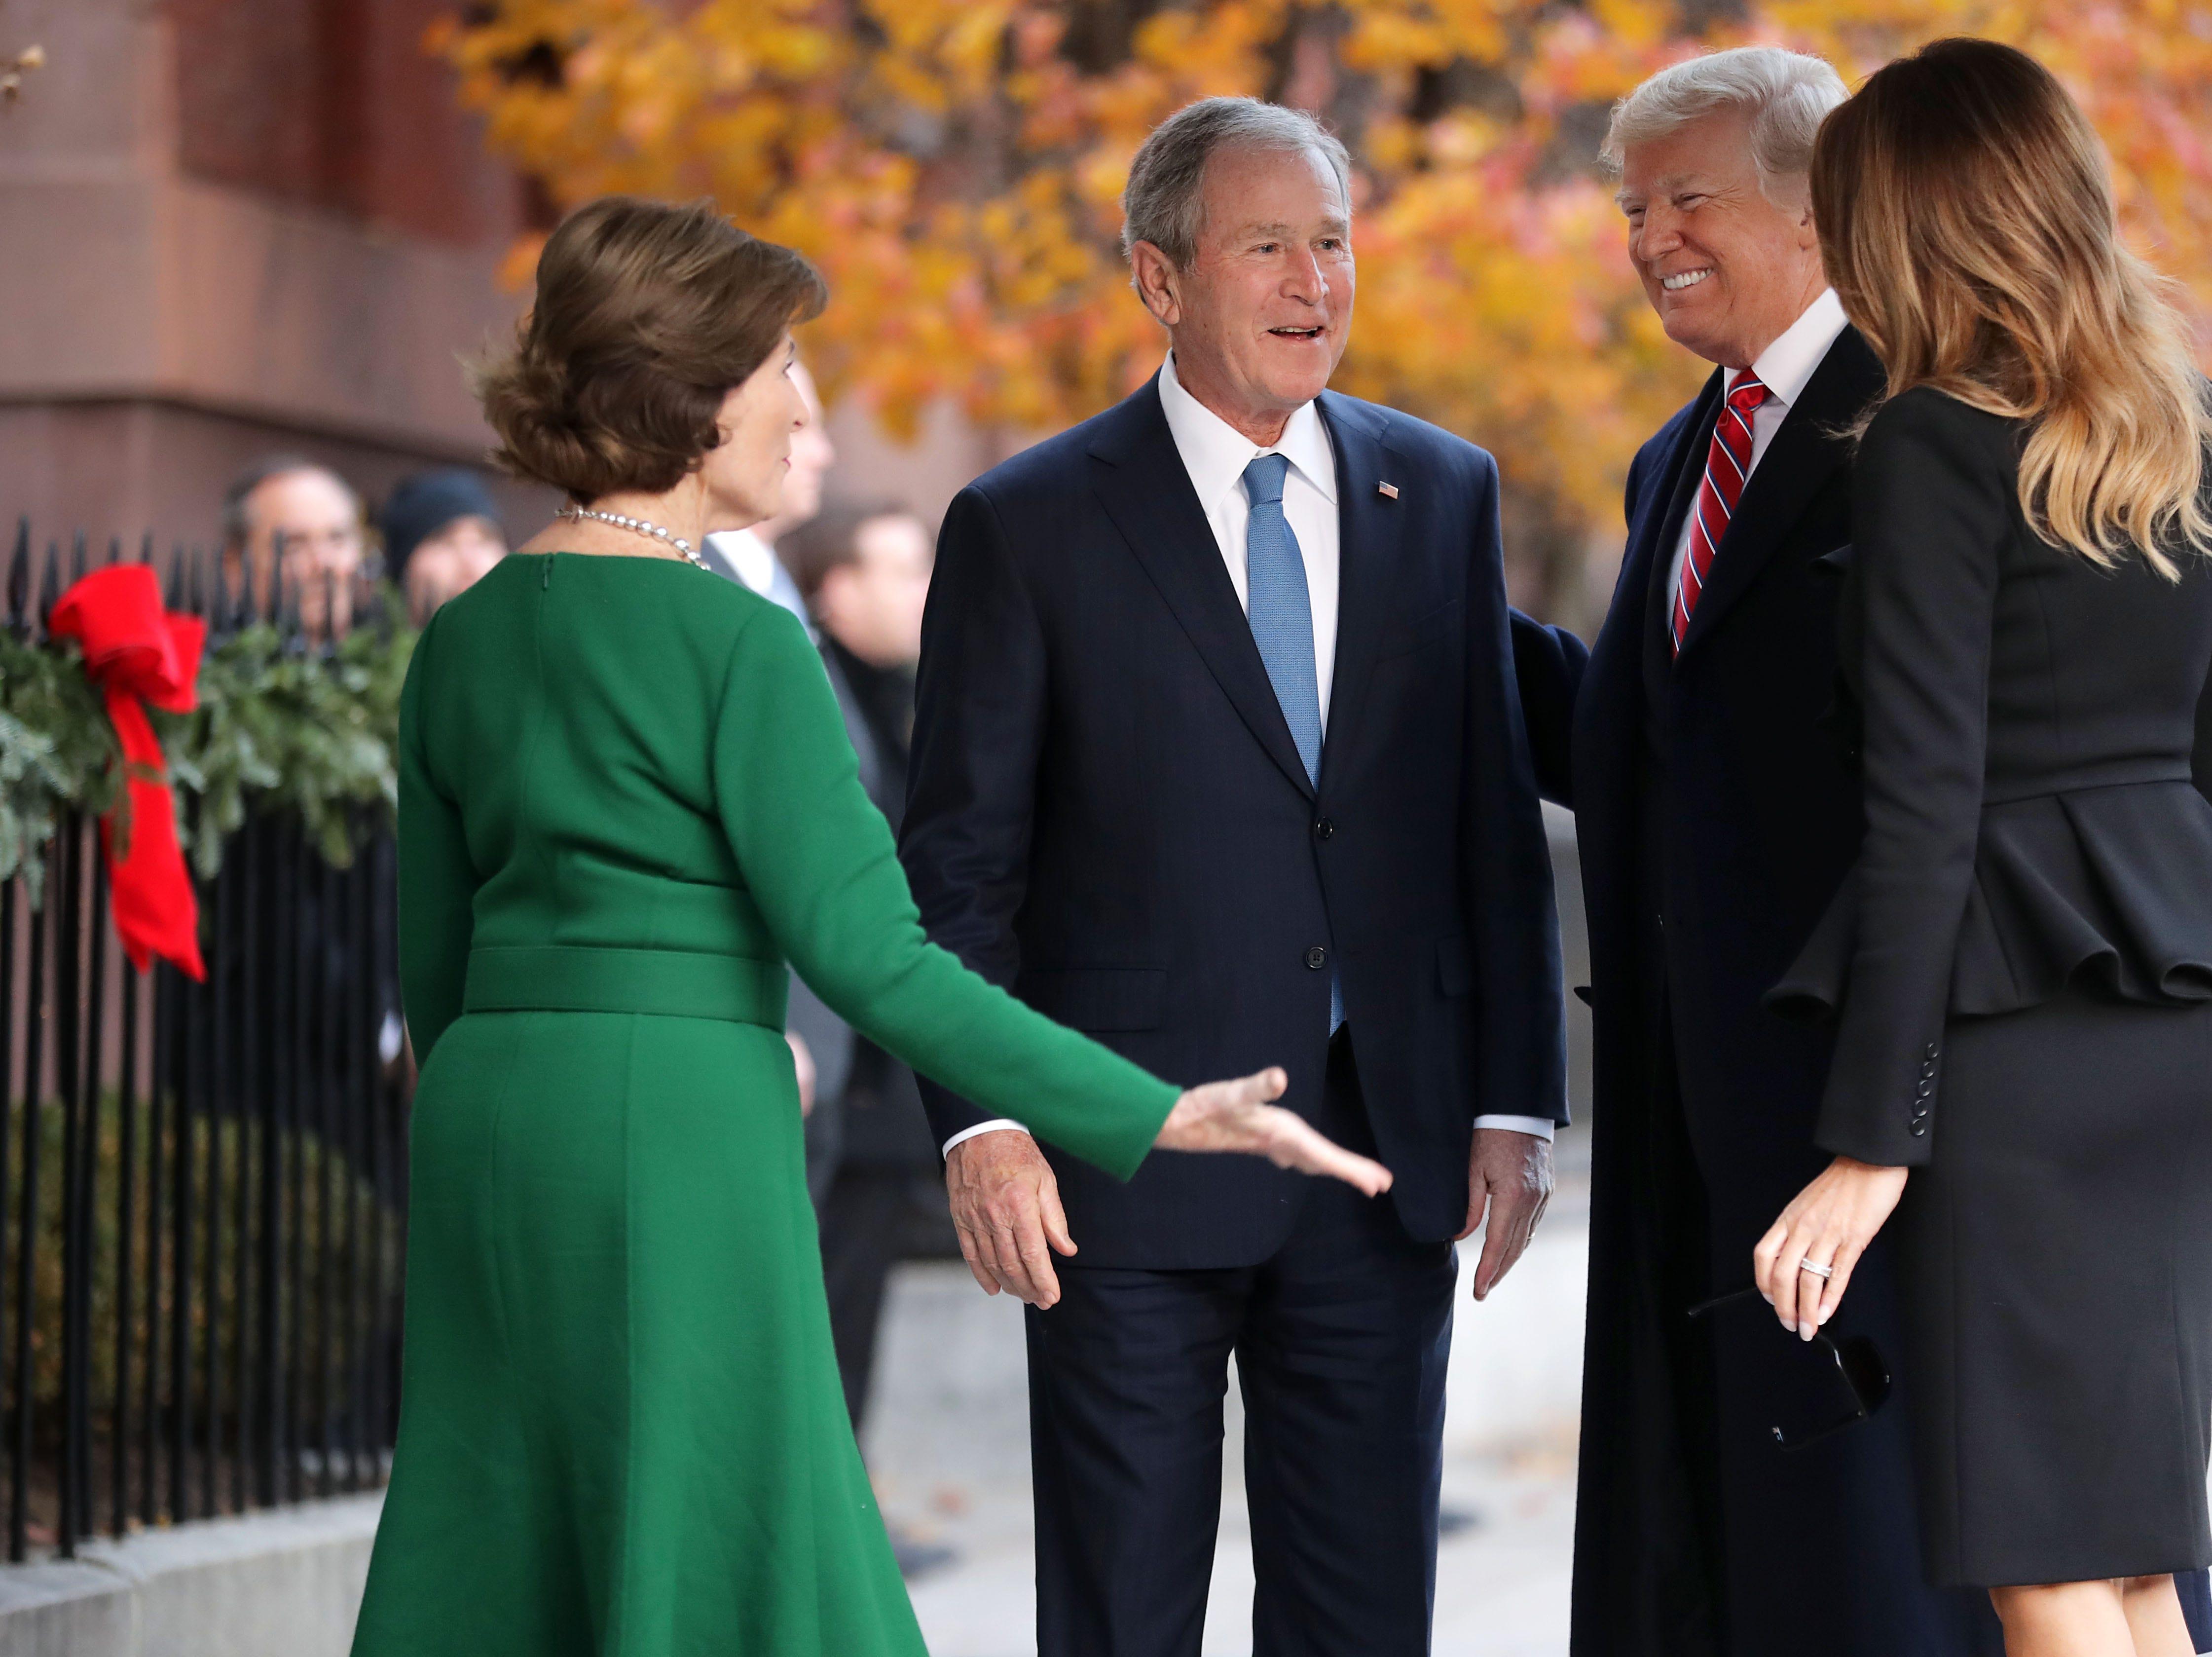 La ex primera dama Laura Bush y el ex presidente George W. Bush saludan al presidente Donald Trump y a la primera dama Melania Trump en las afueras de Blair House el 4 de diciembre de 2018 en Washington, DC.